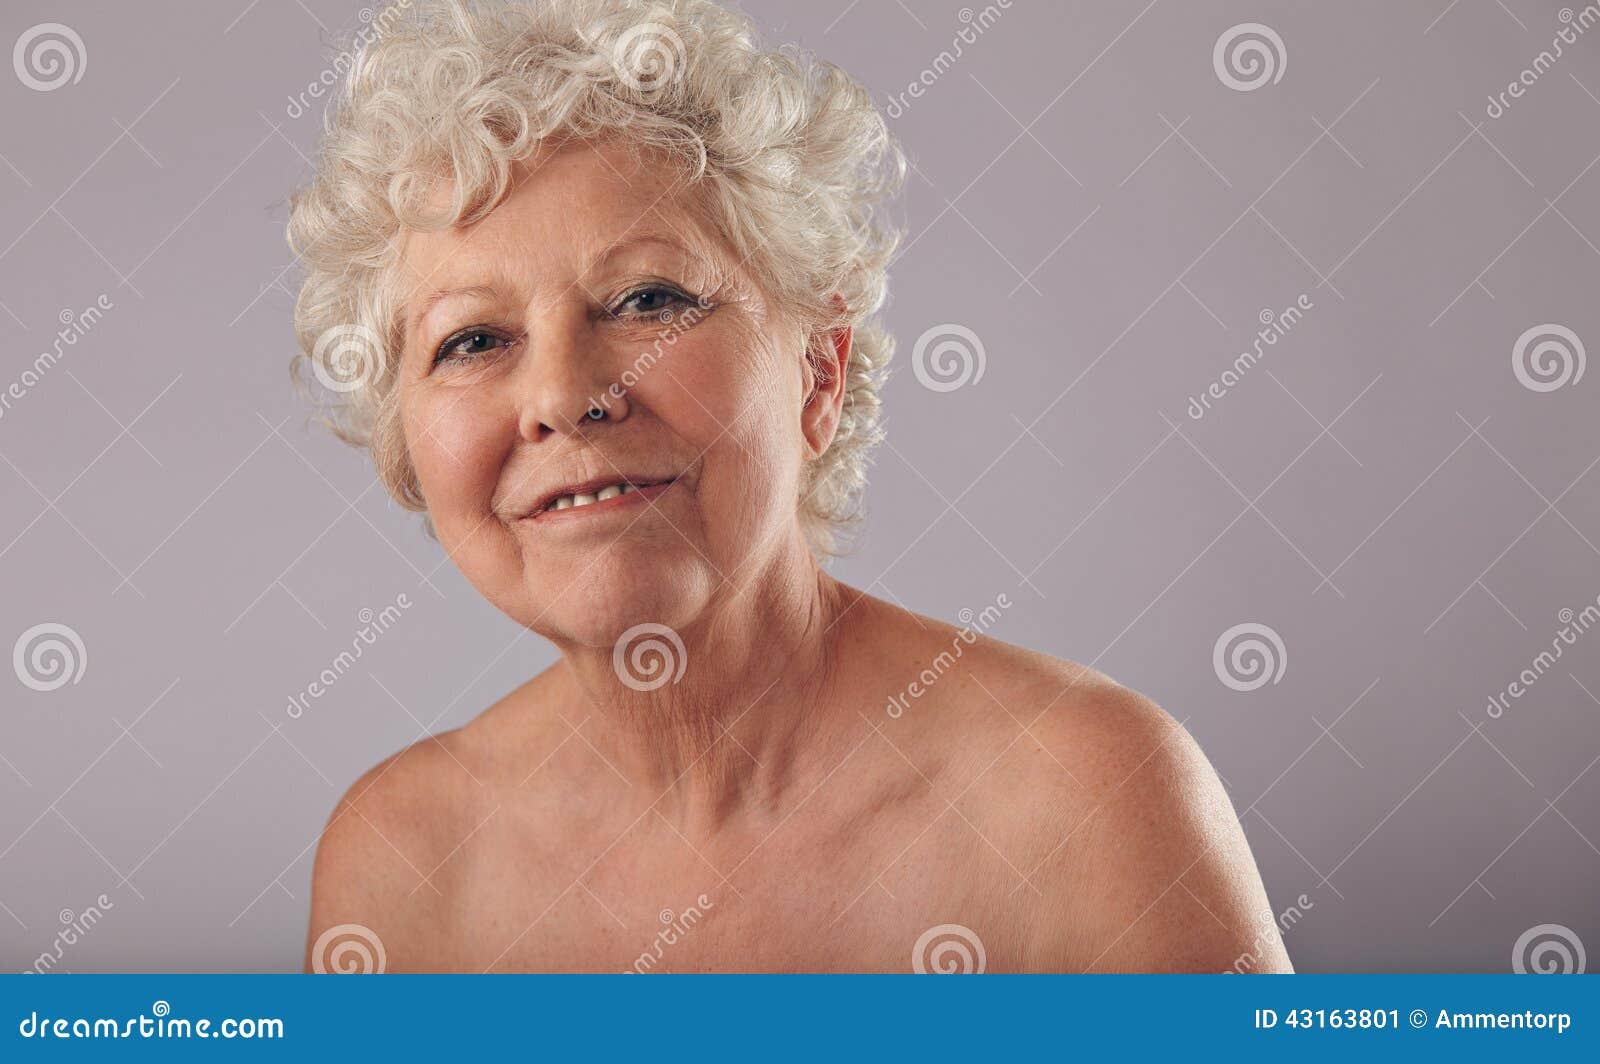 Fotografia di donna vecchia nude photo 54